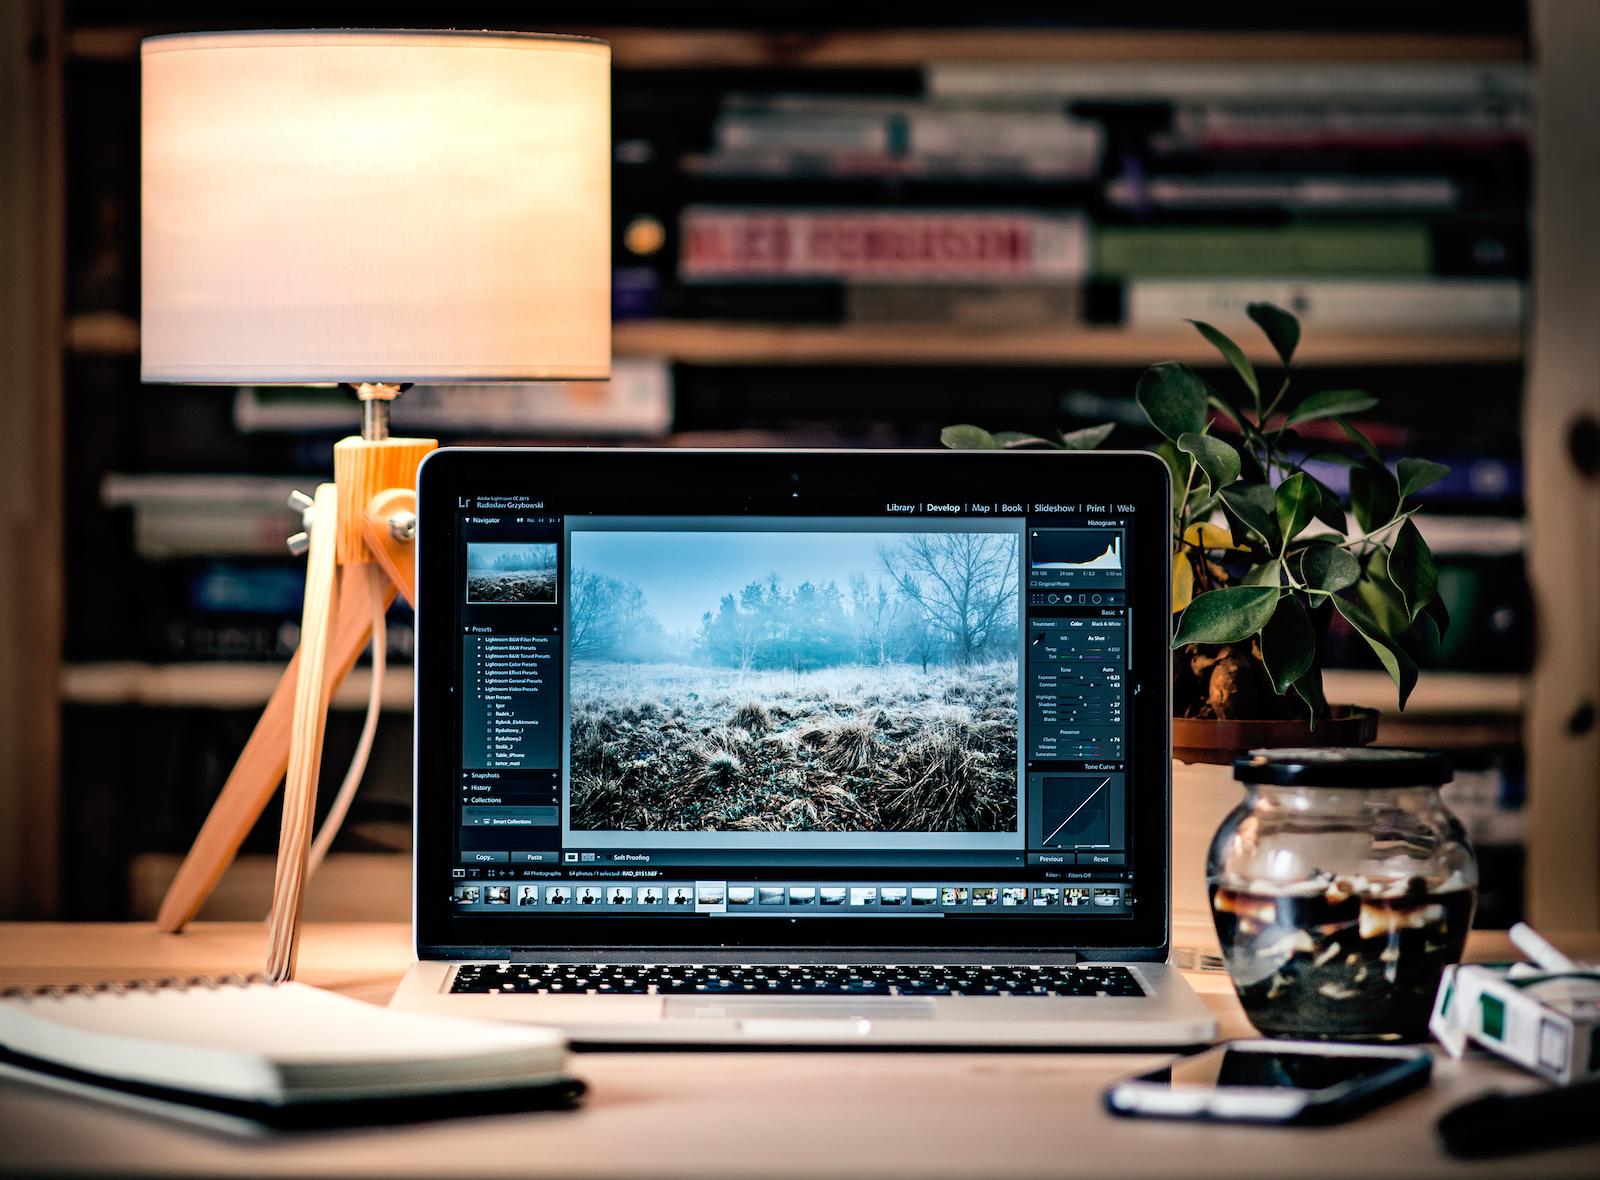 MacBook auf einem Schreibtisch